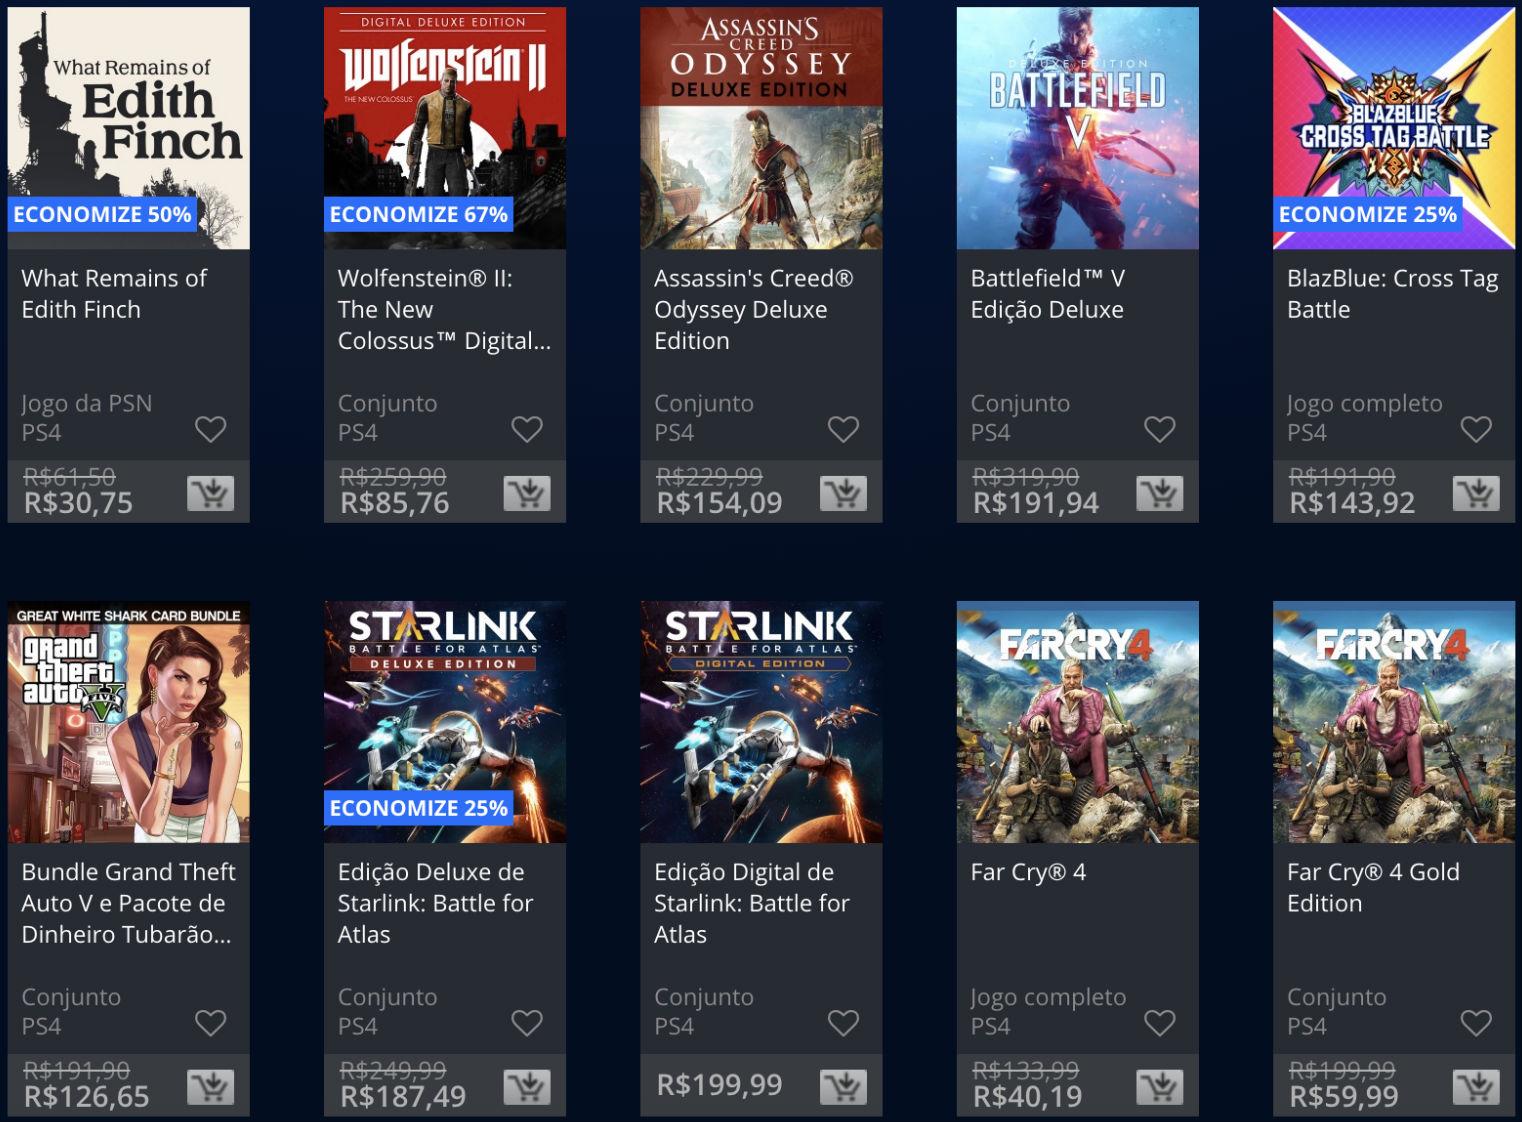 Sony lança promoção The Game Awards na PSN; veja jogos e preços 5